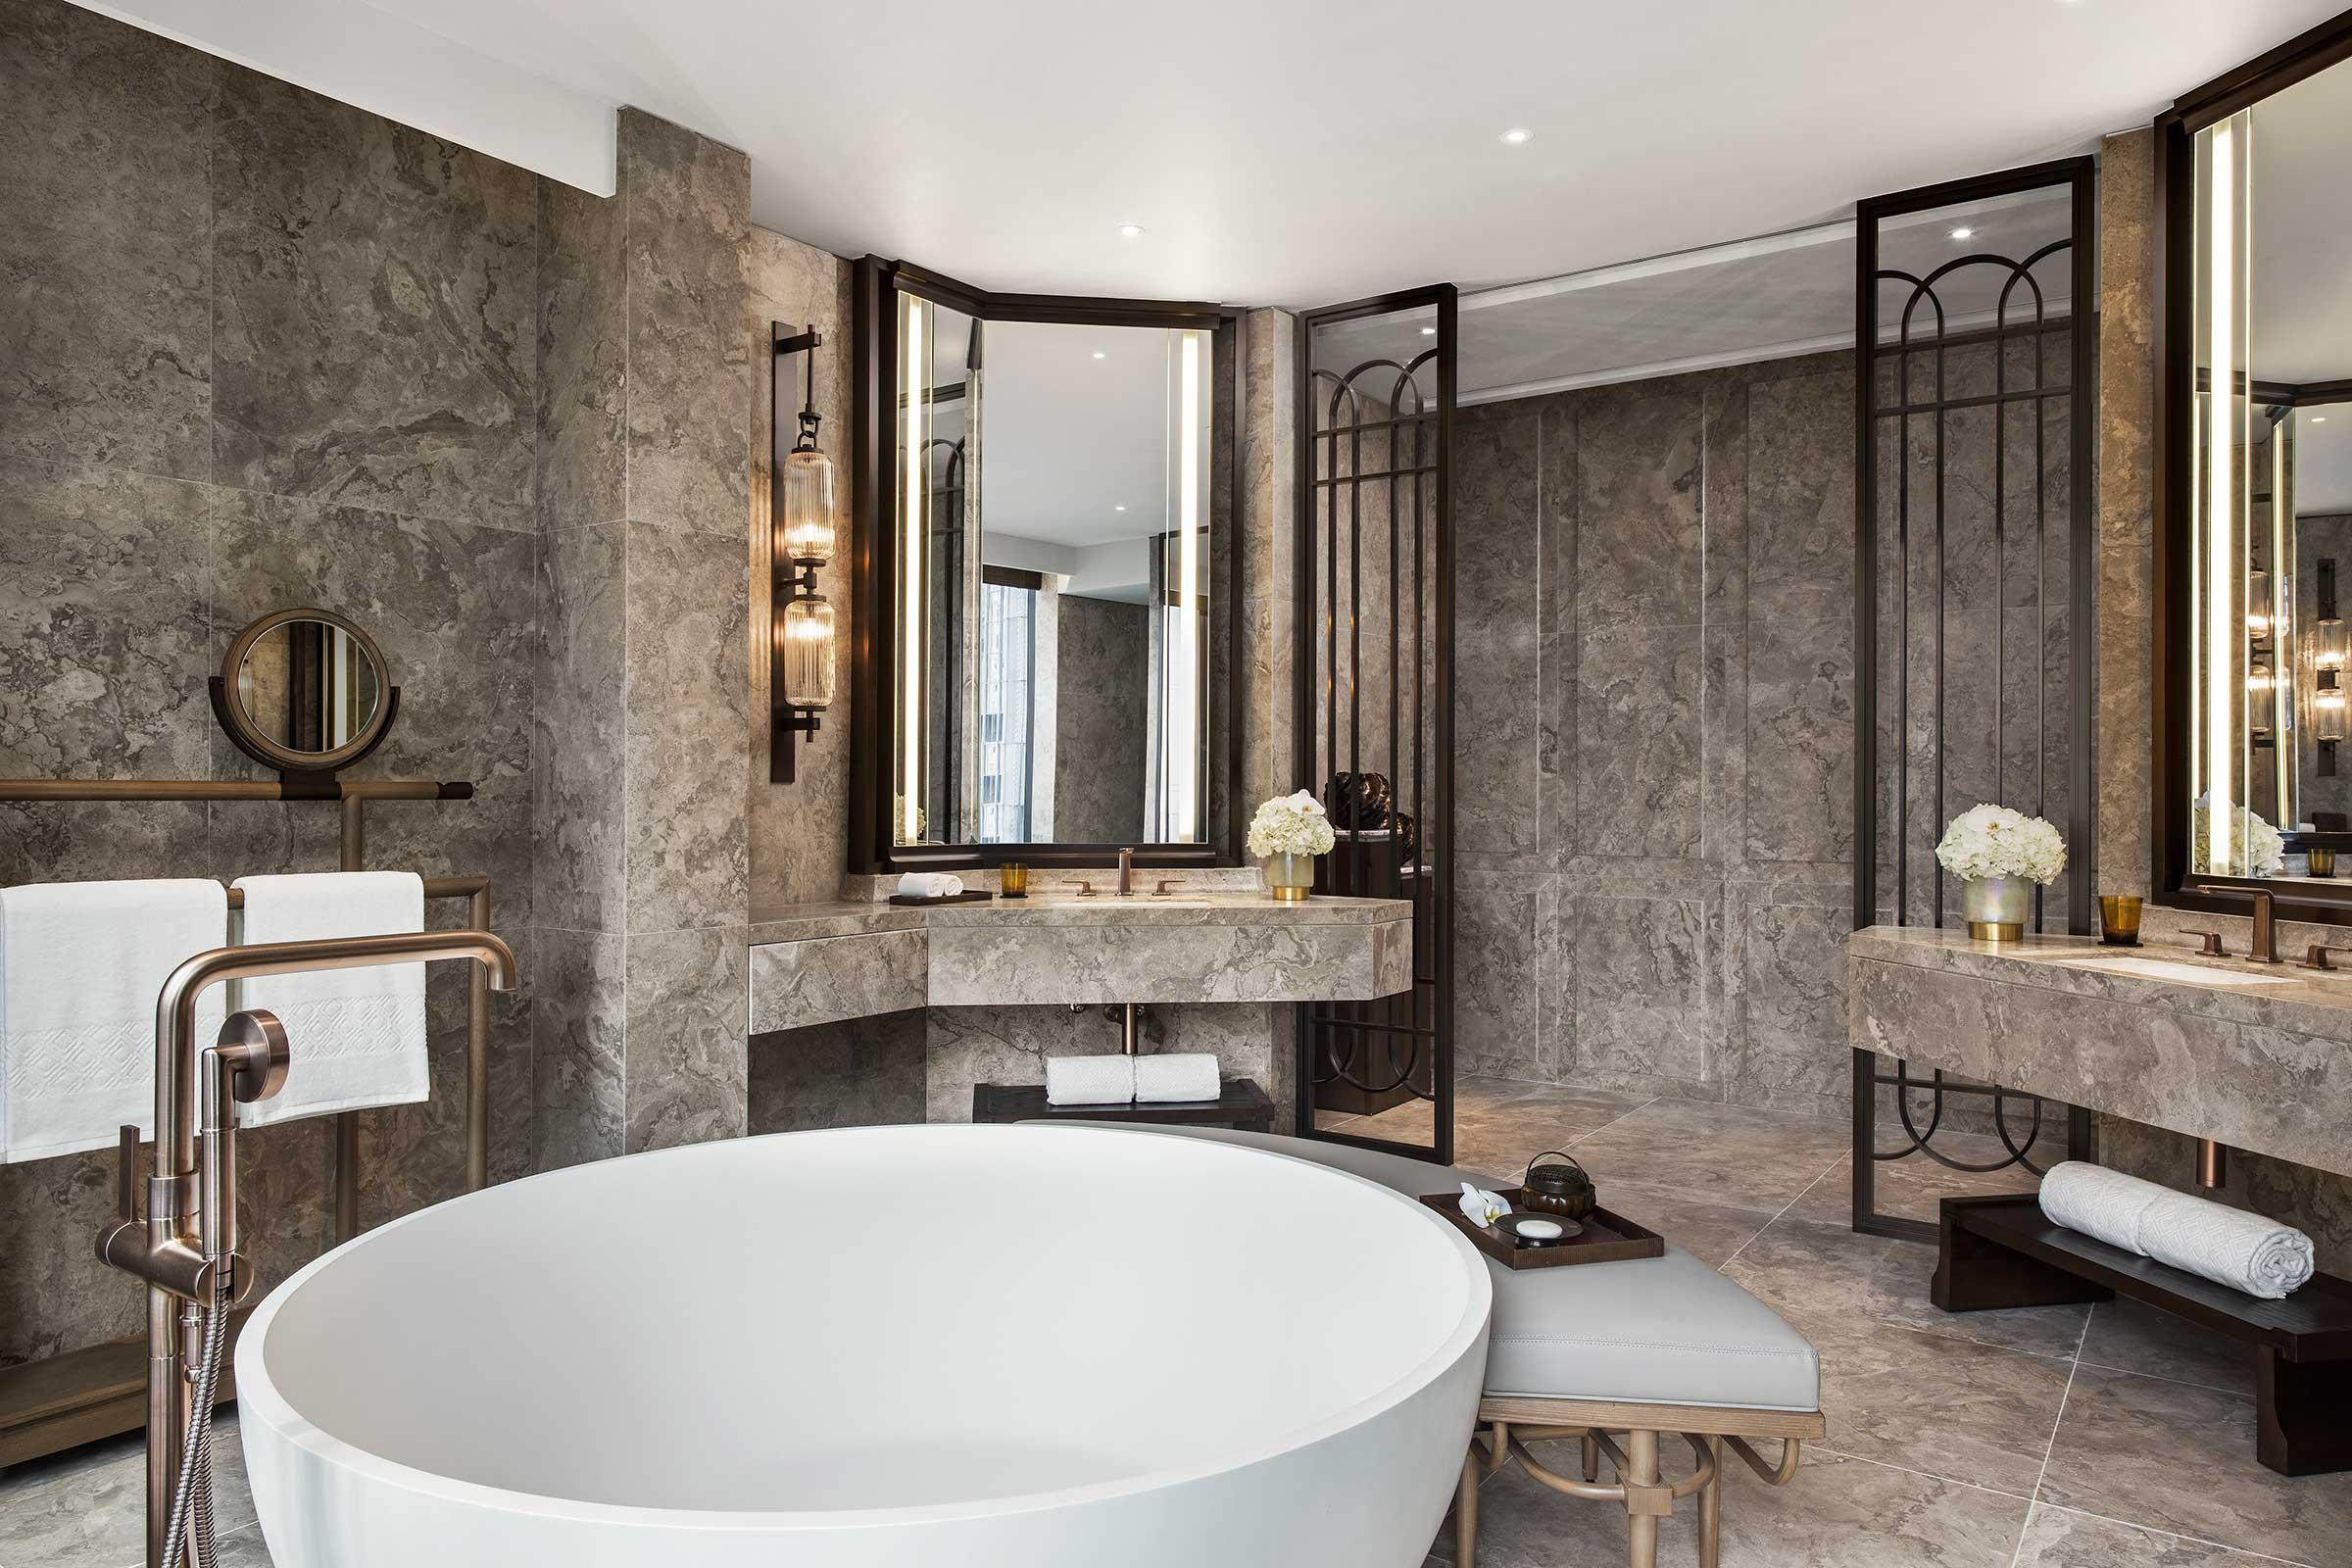 St.-Regis-Hong-Kong,-Presidential-Suite,-Bathroom.jpg